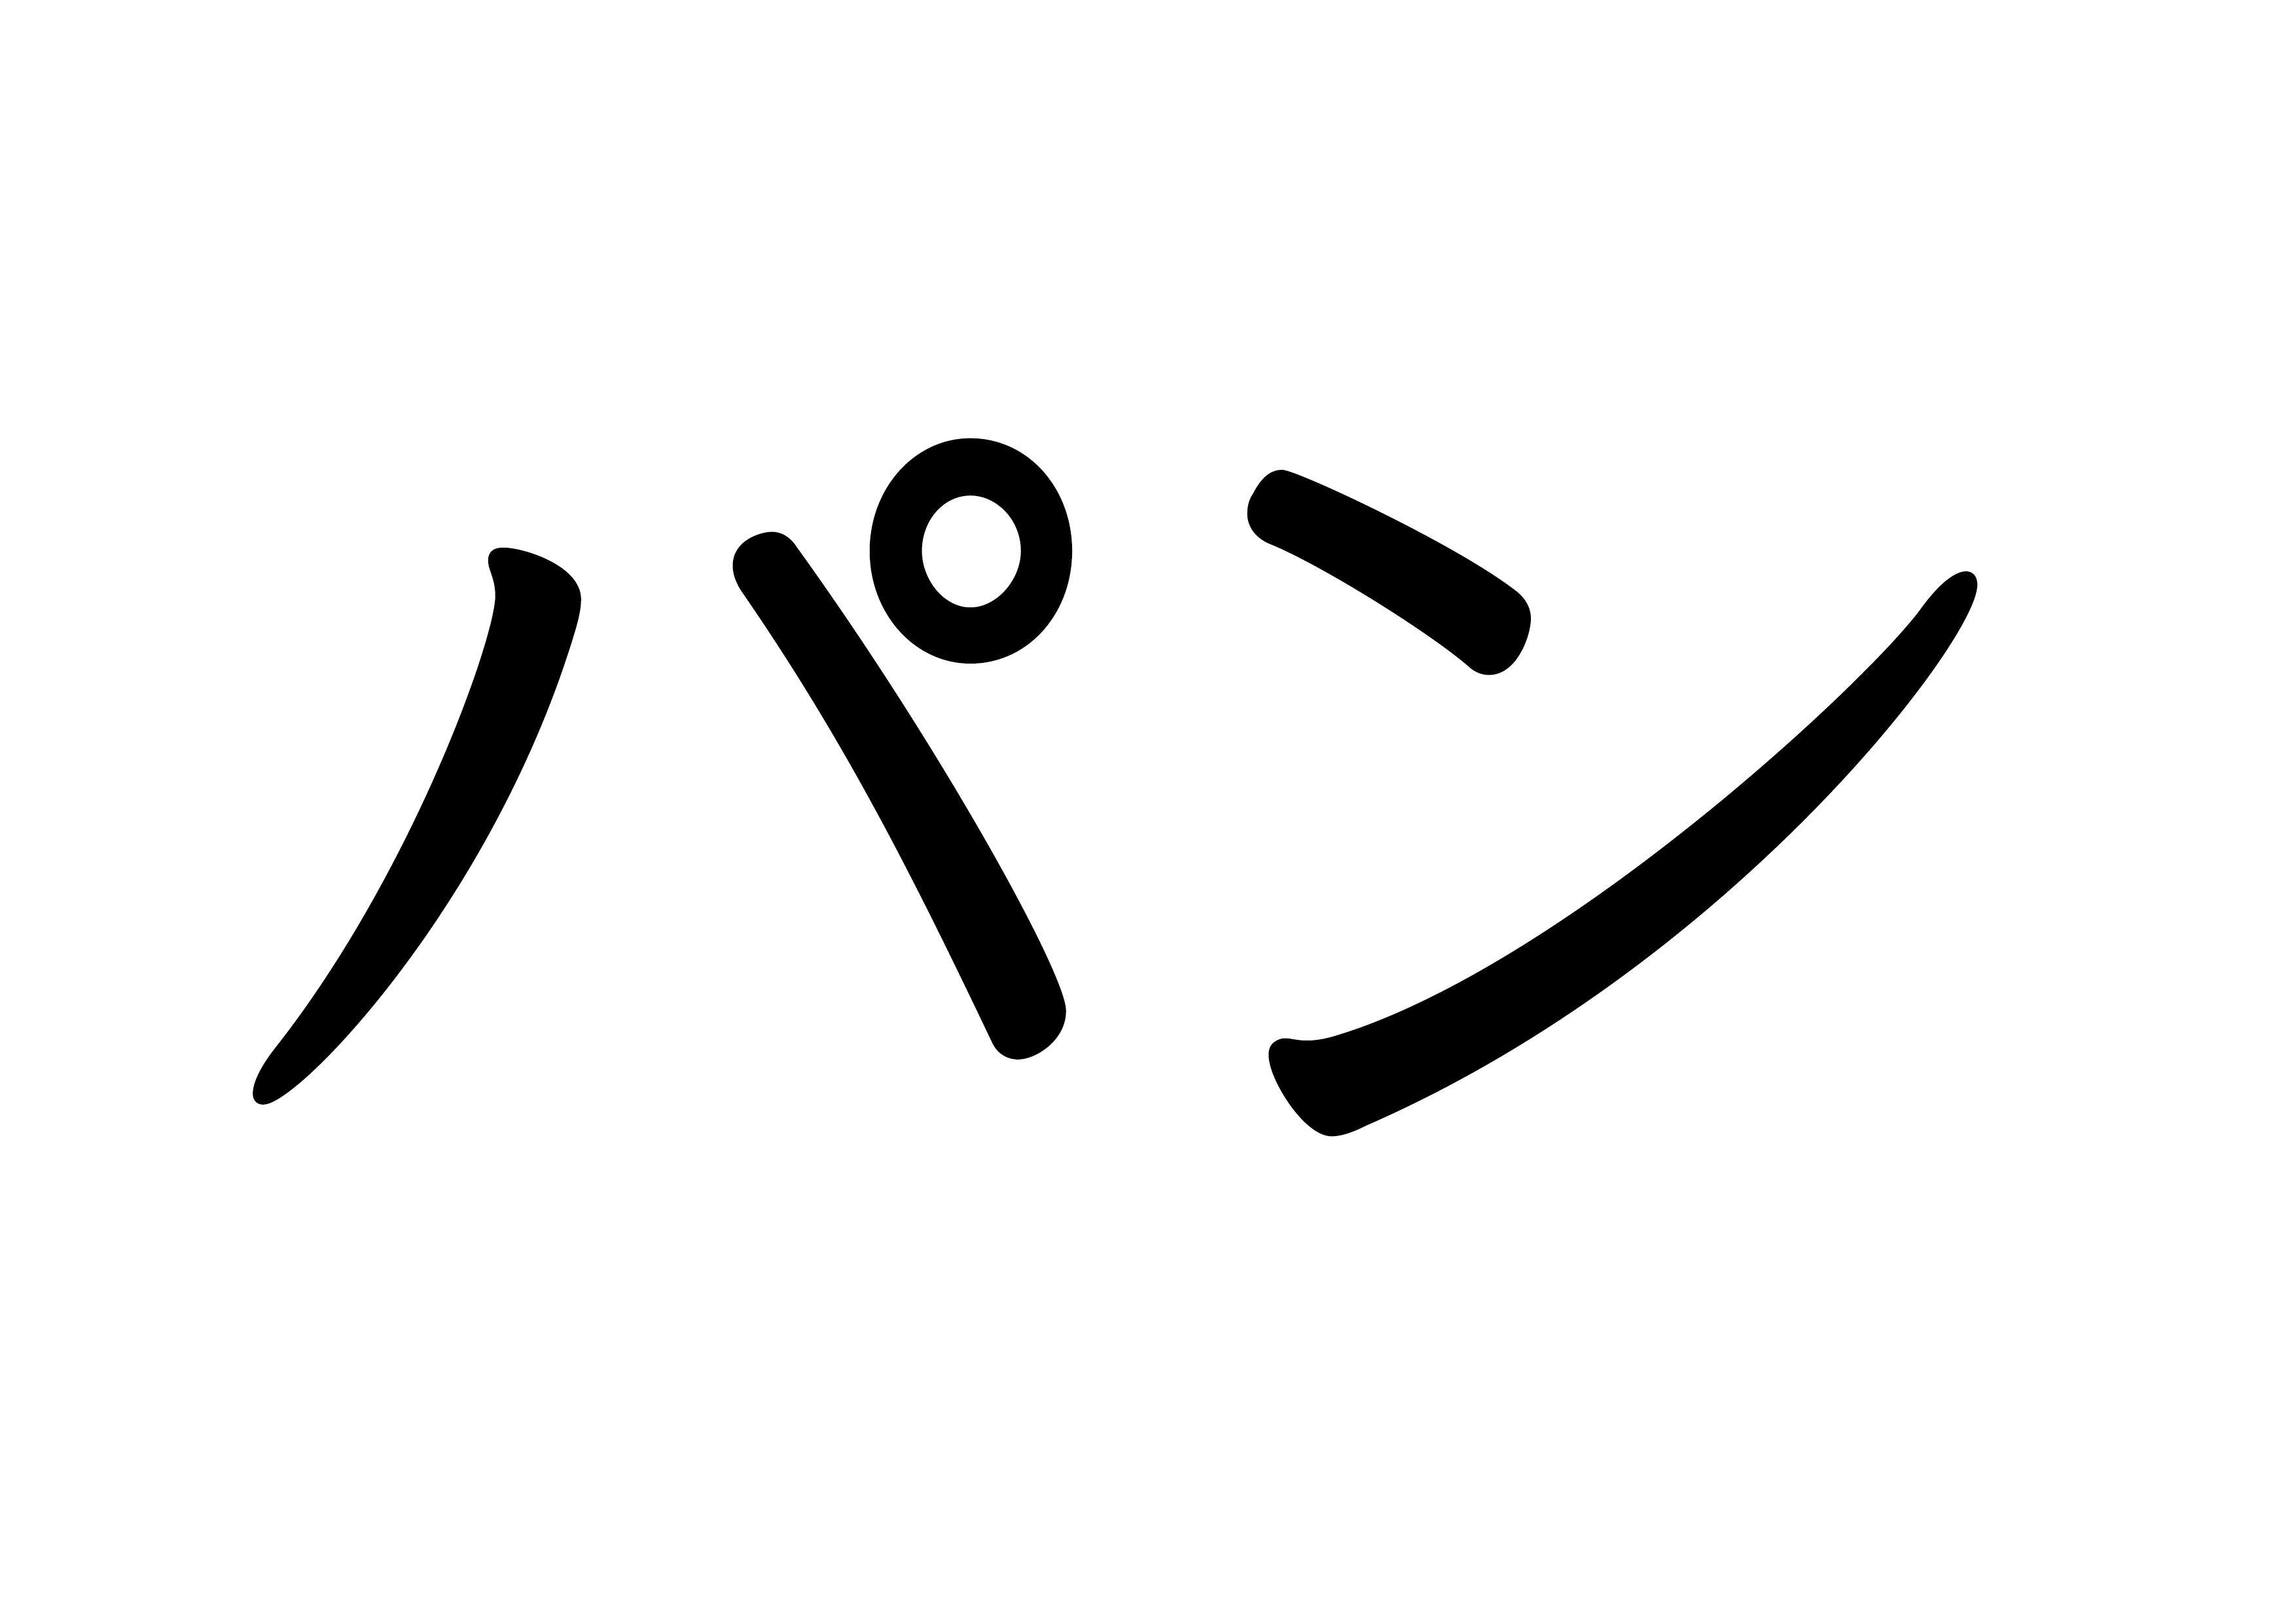 カタカナ【パン】